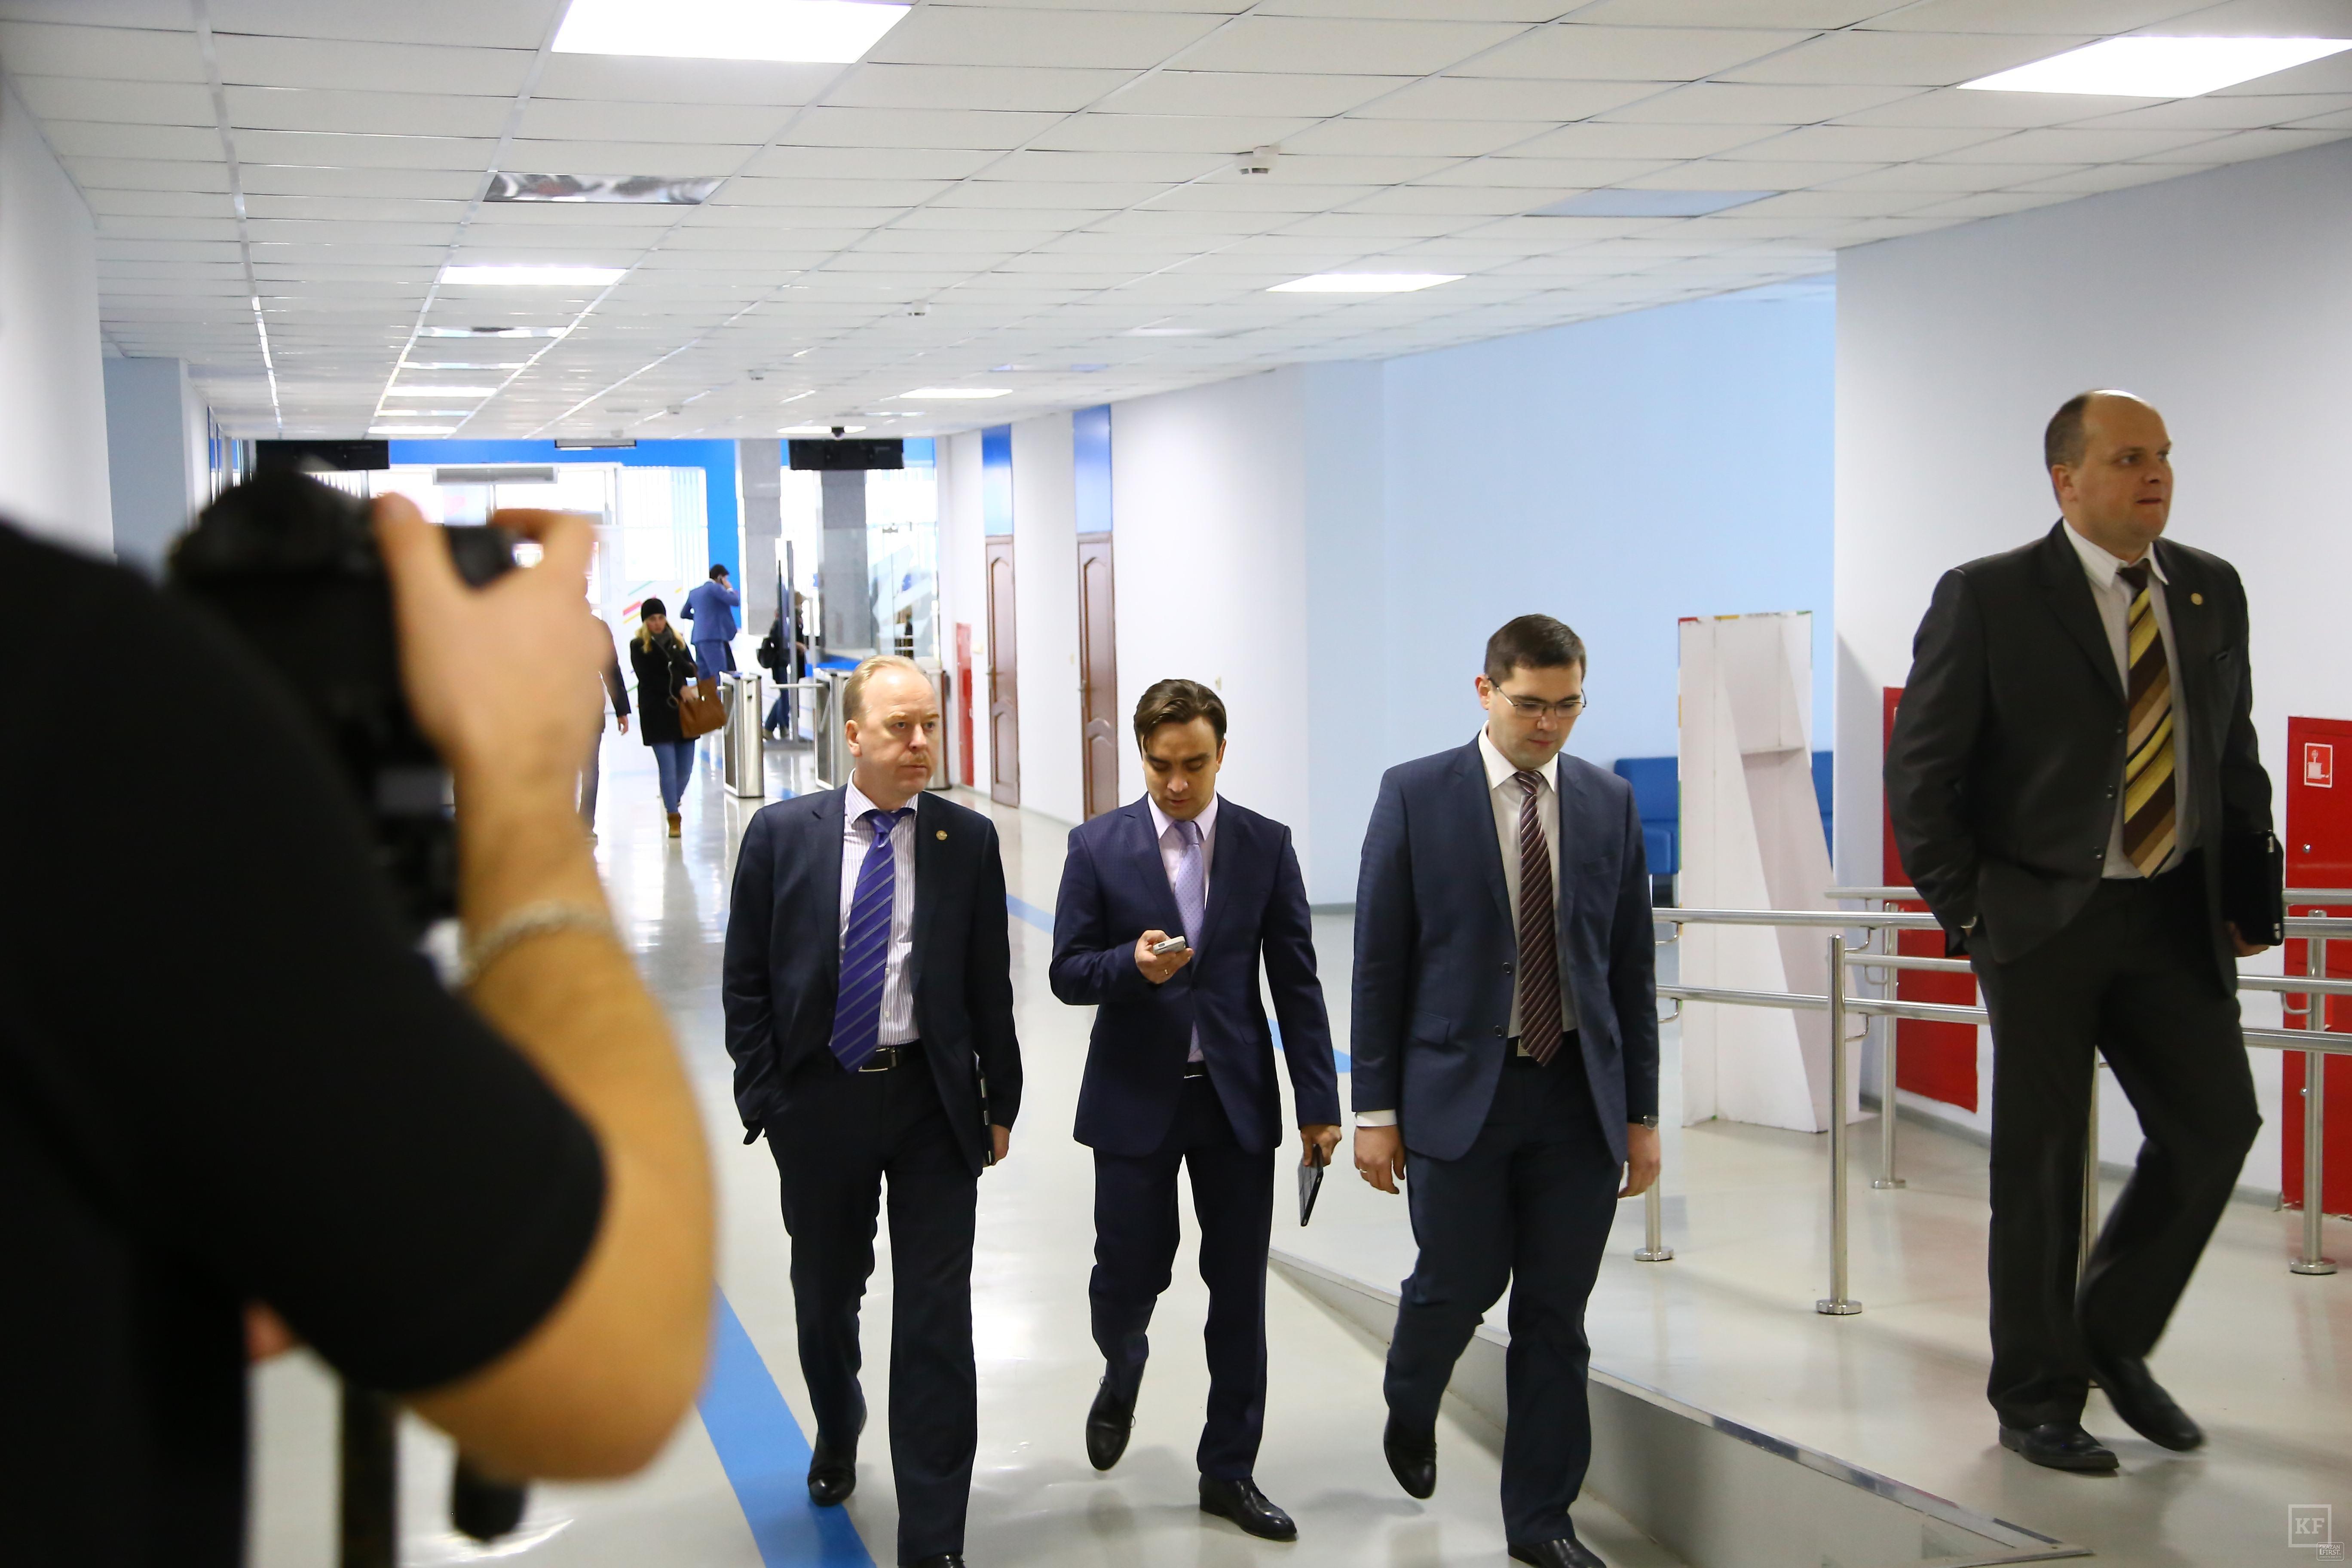 Сейчас все промышленные компании Татарстана должны спрашивать: мы участвуем в программе «Стратегическое управление талантами», мы зашли в Университет талантов?